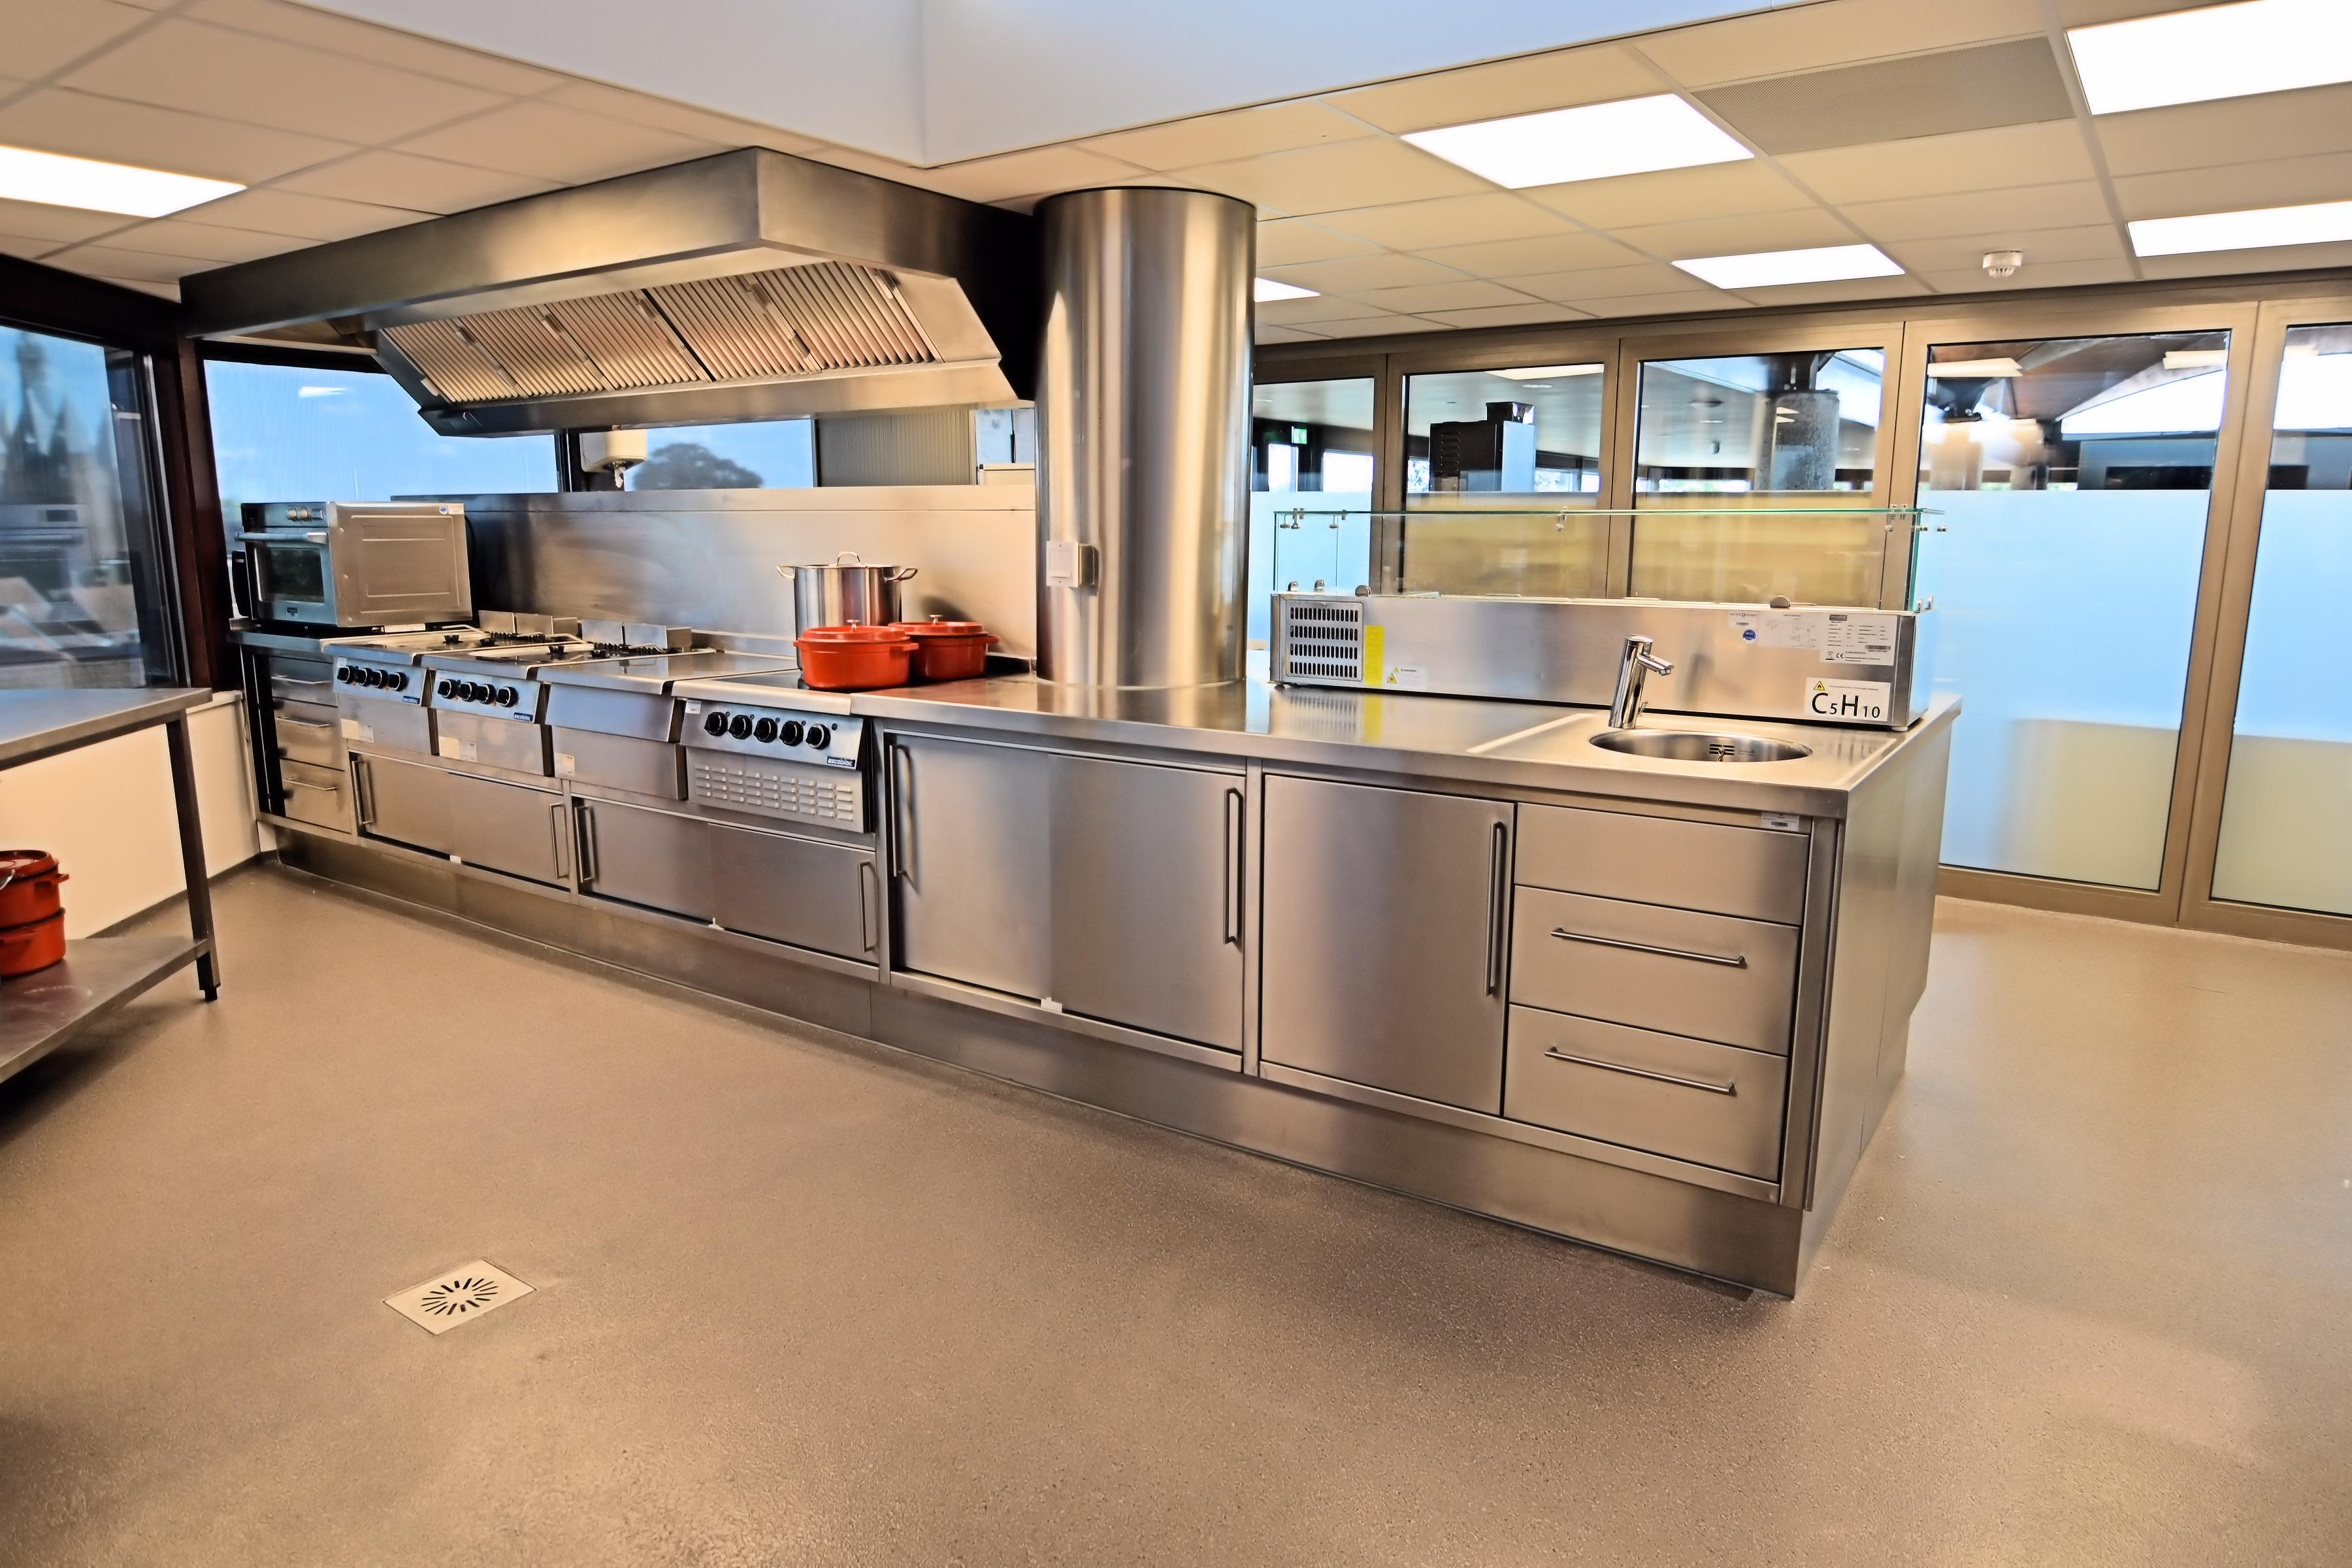 RVS Keuken Zwolle